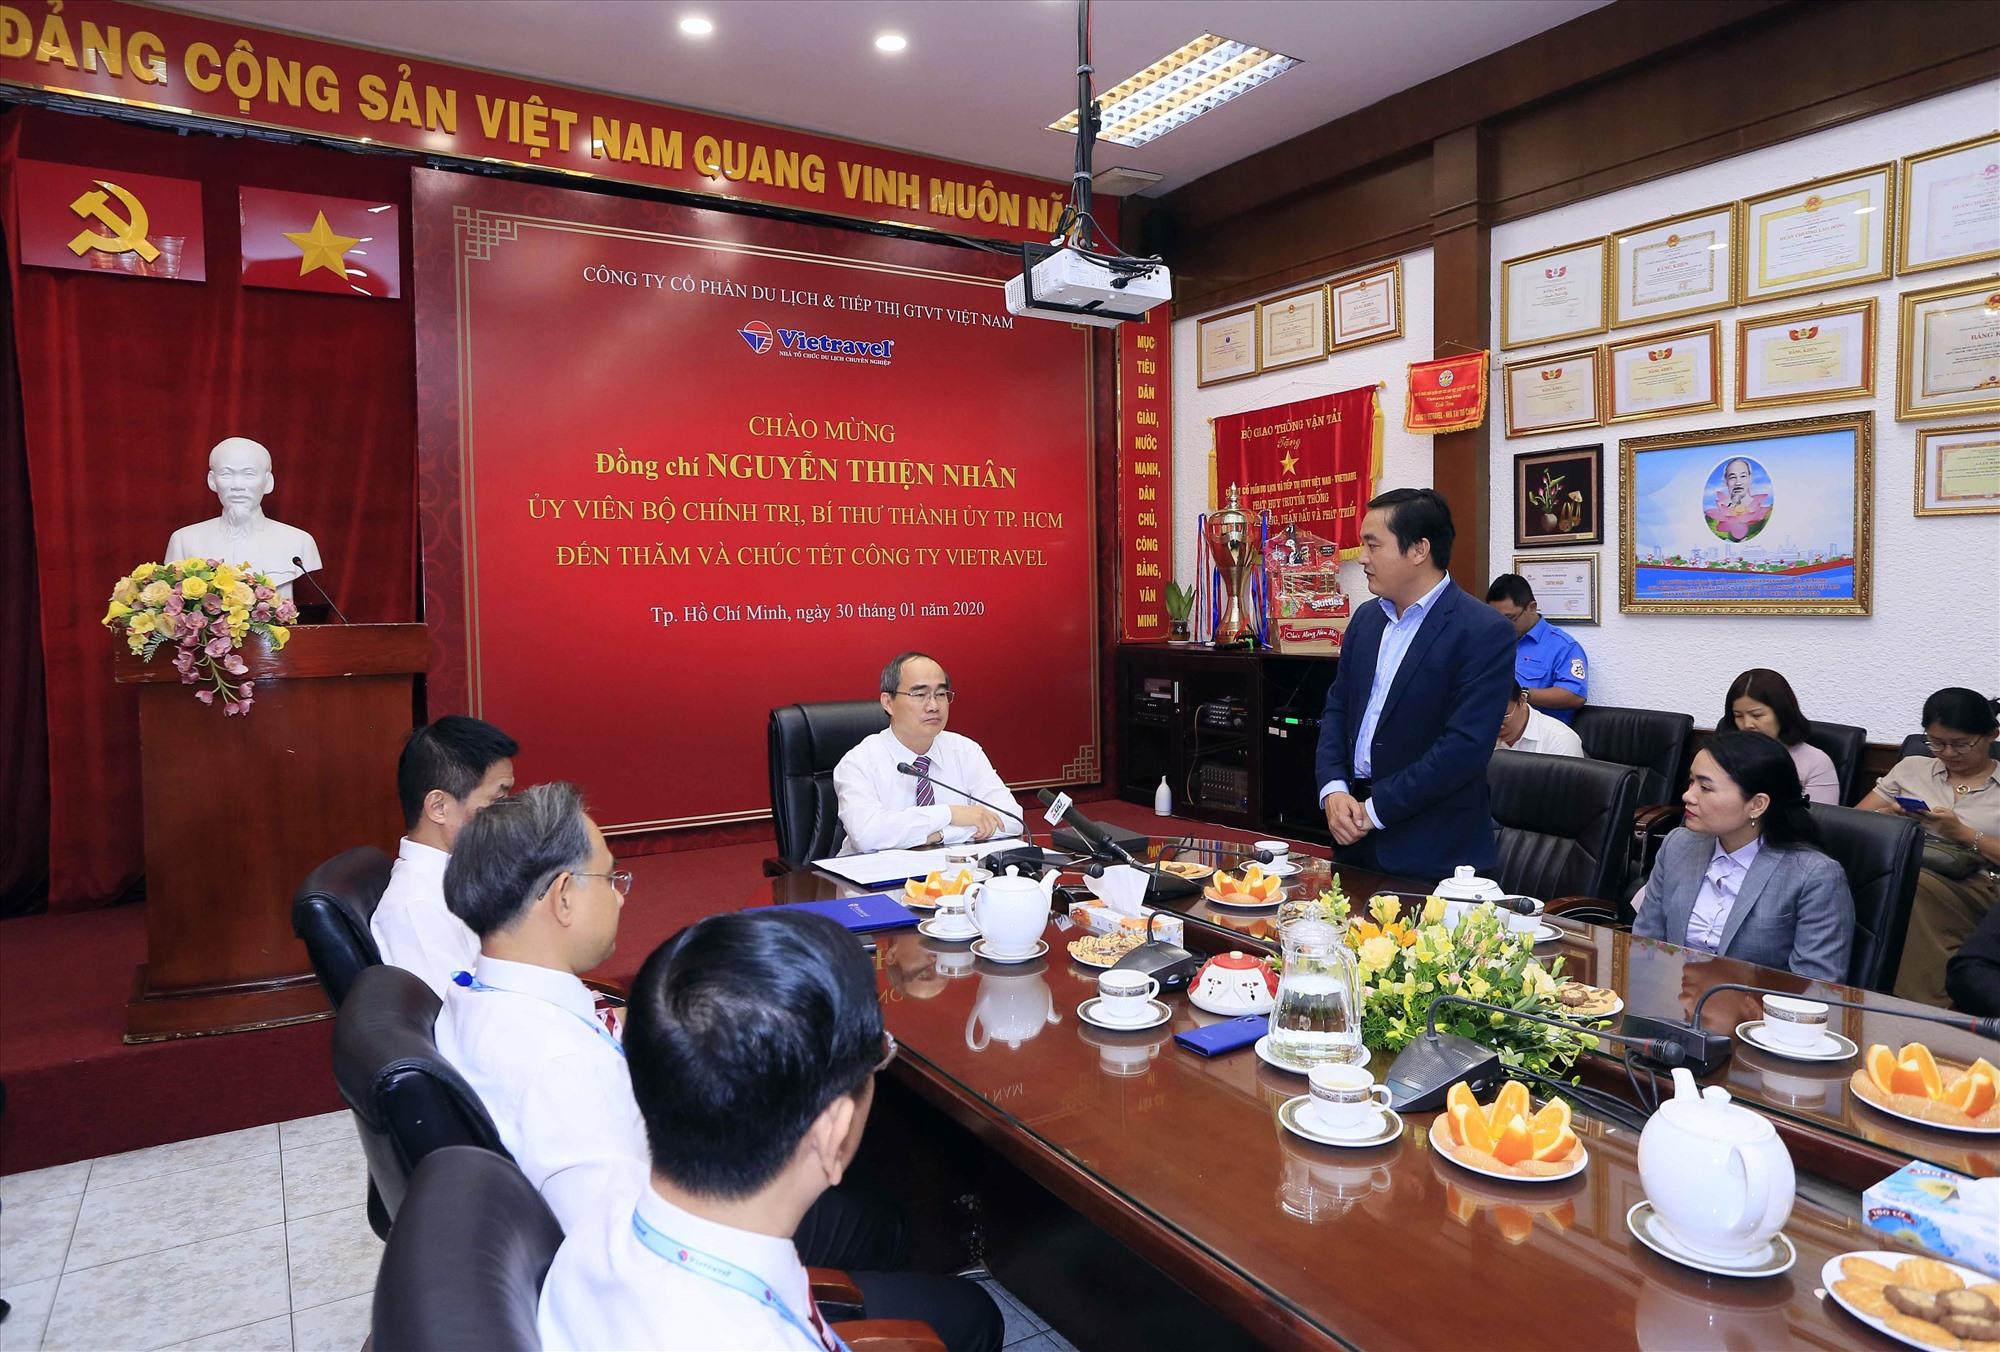 Bí thư Thành ủy Hồ Chí Minh nghe lãnh đạo Vietravel báo cáo những thành tích Công ty đạt được thời gian qua